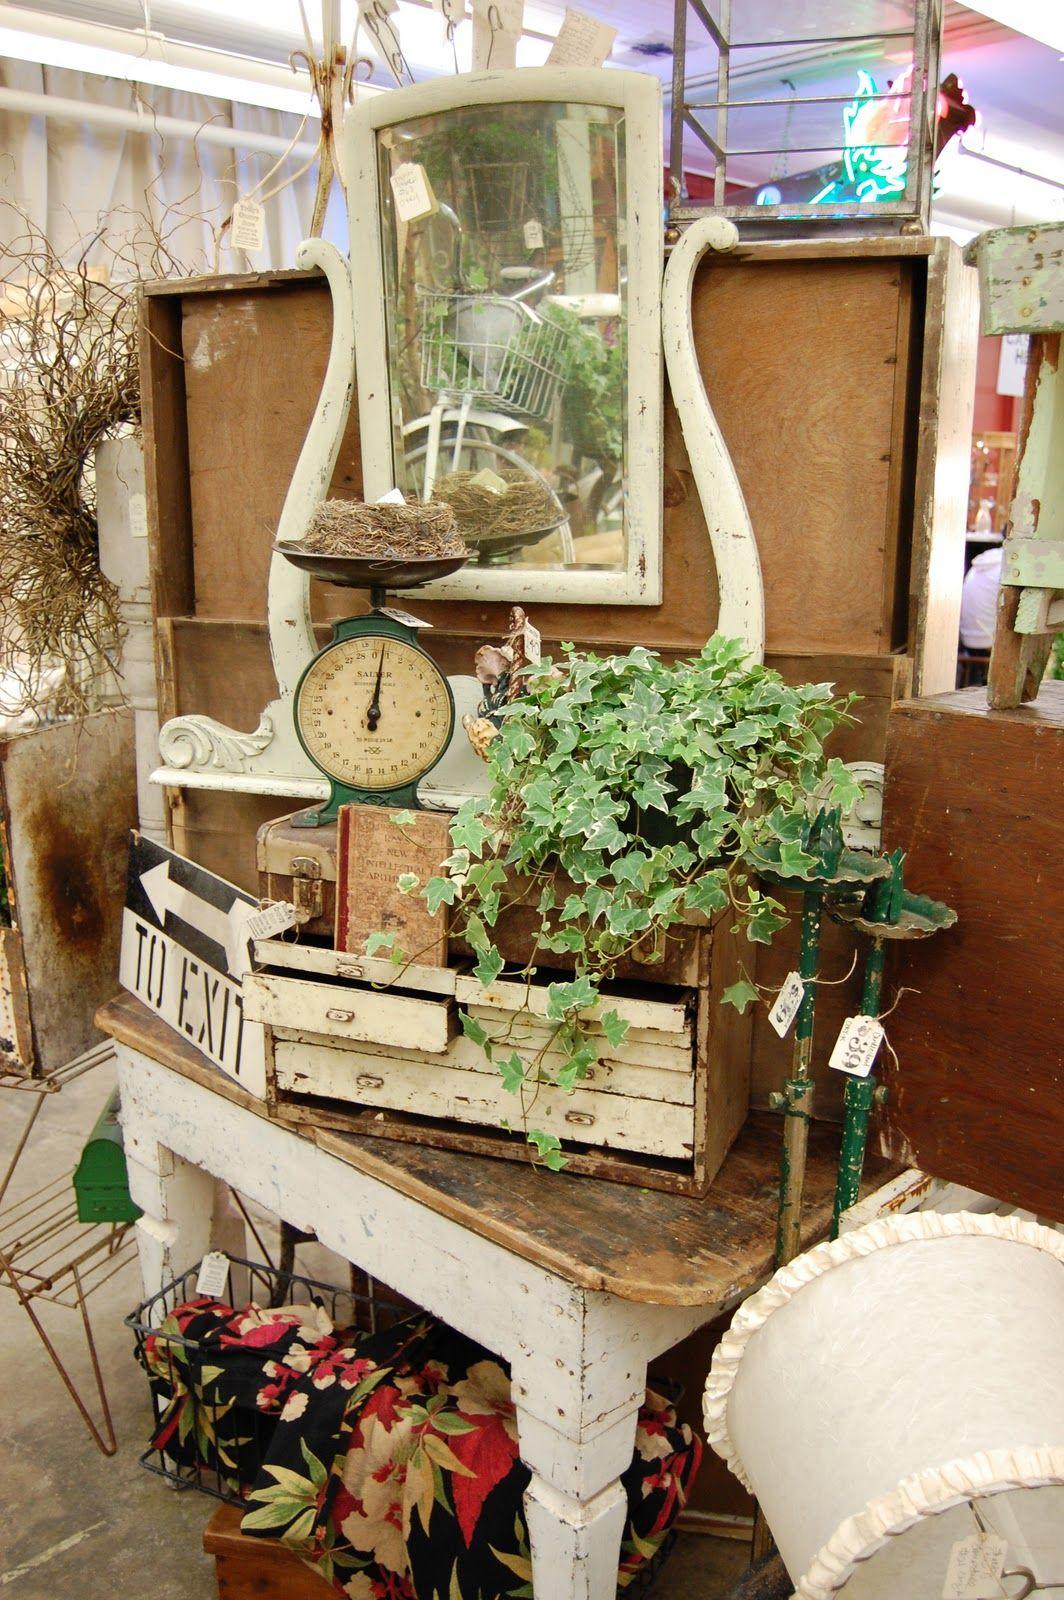 Maison Douce Monticello Garden Show Antique booth